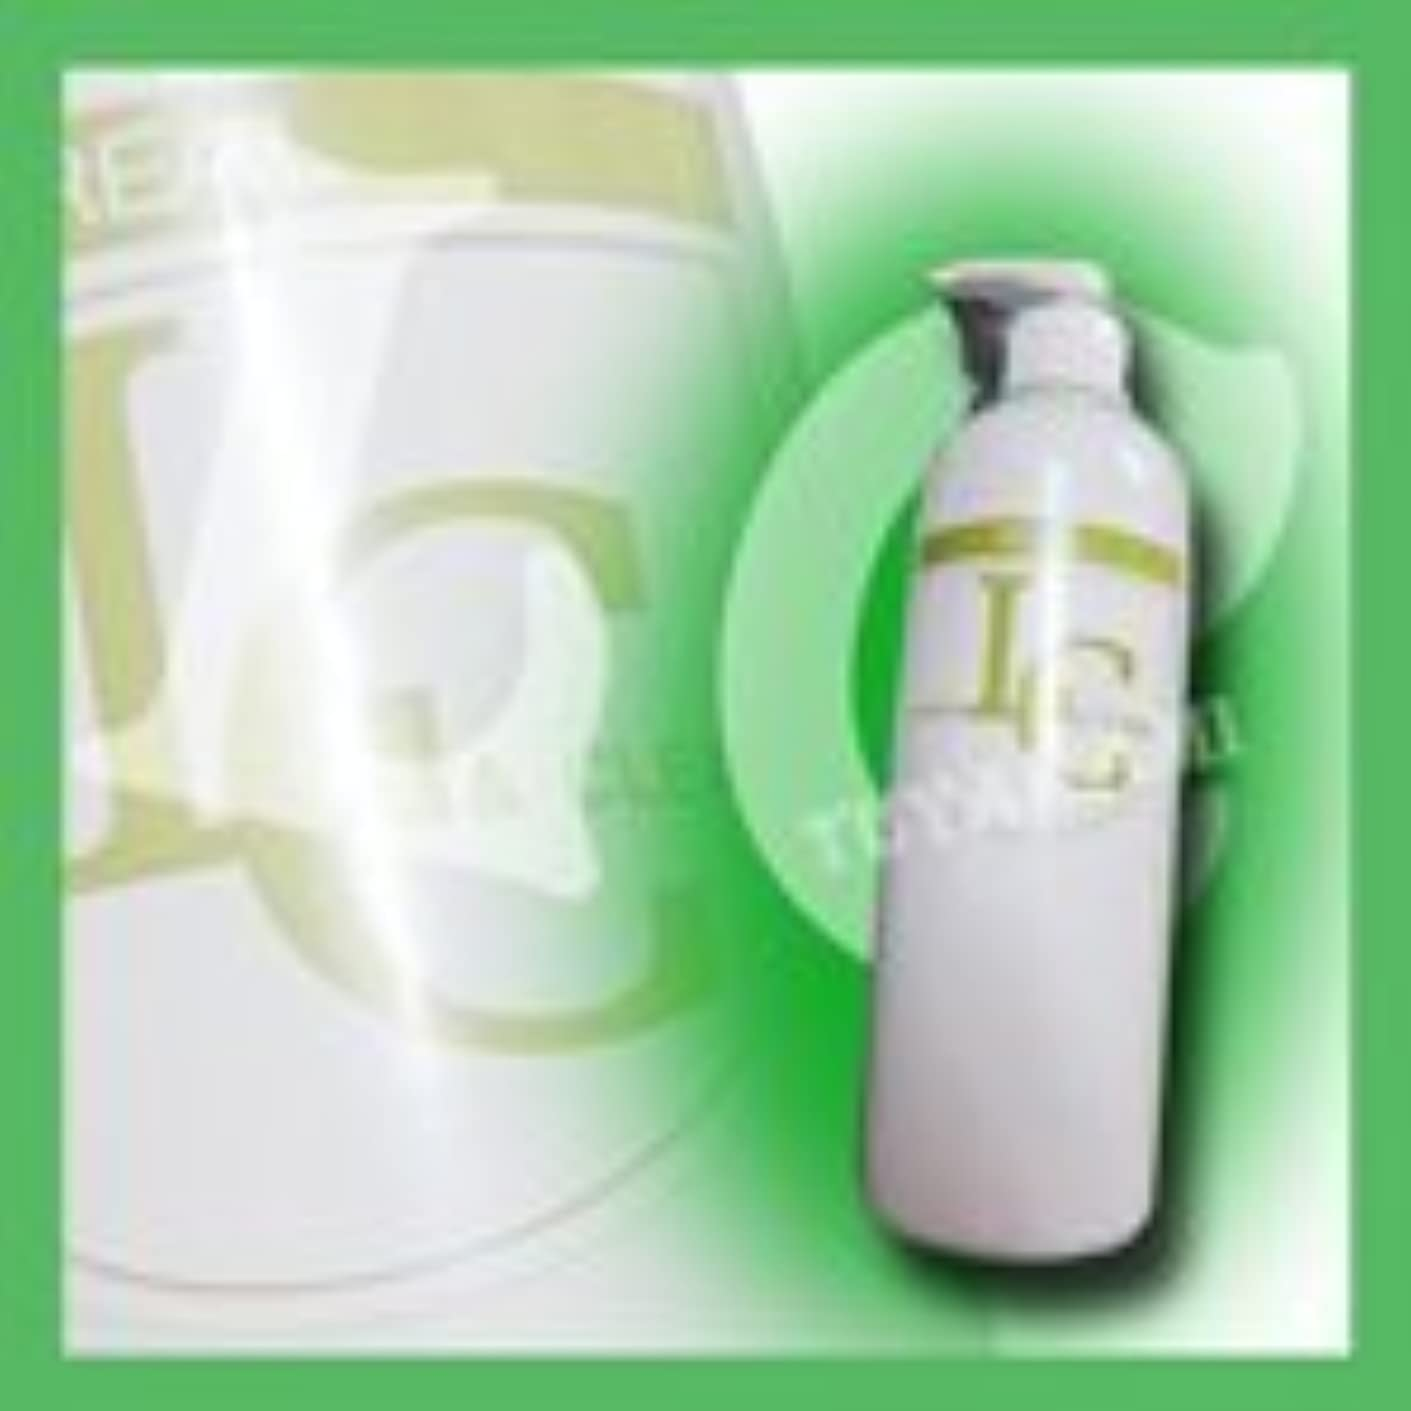 宴会質素な同一のリアル L.C. モイスチャースキンミルク 400ml